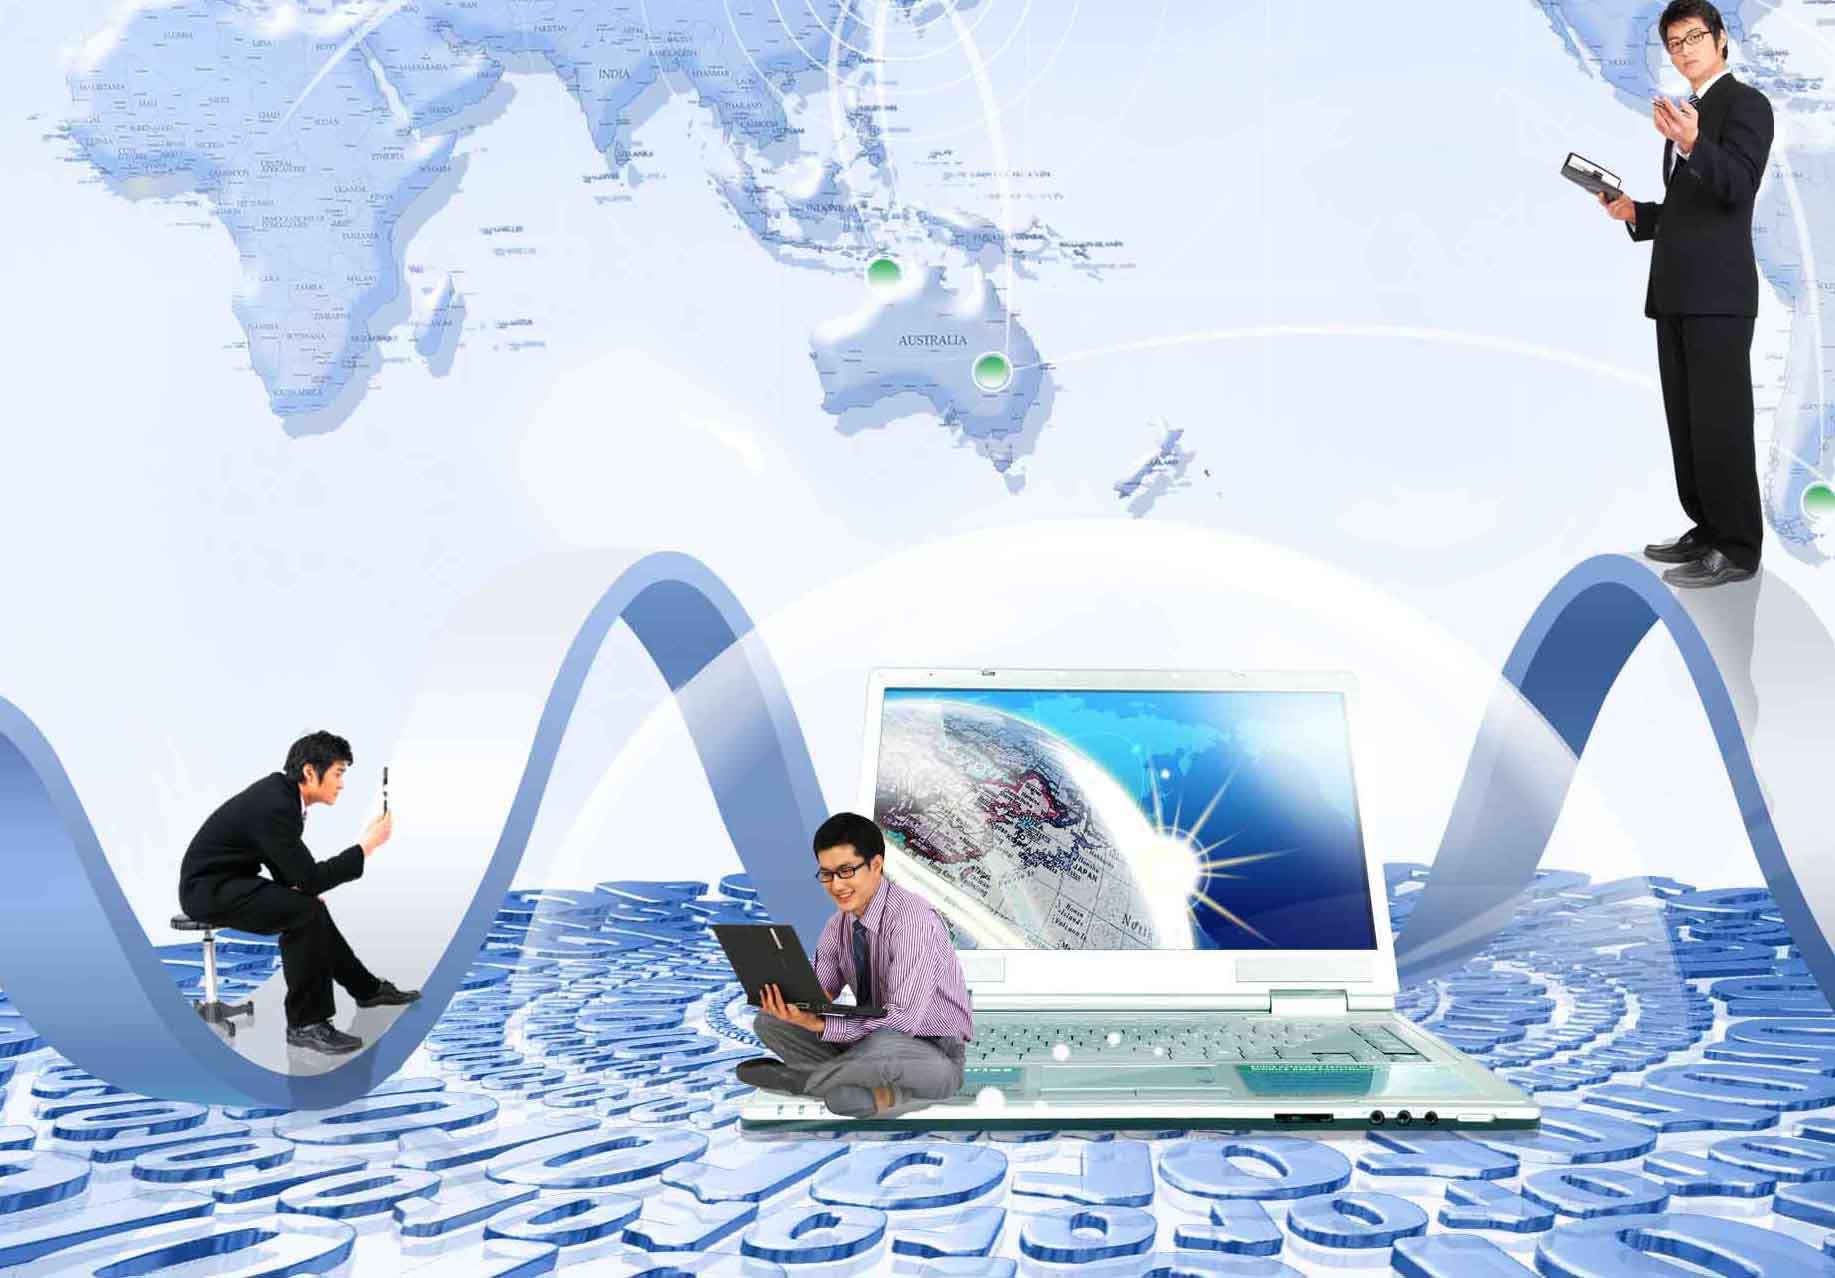 تصاویر لایه باز تبلیغاتی، تجاری و دیجیتال نگاه به آینده